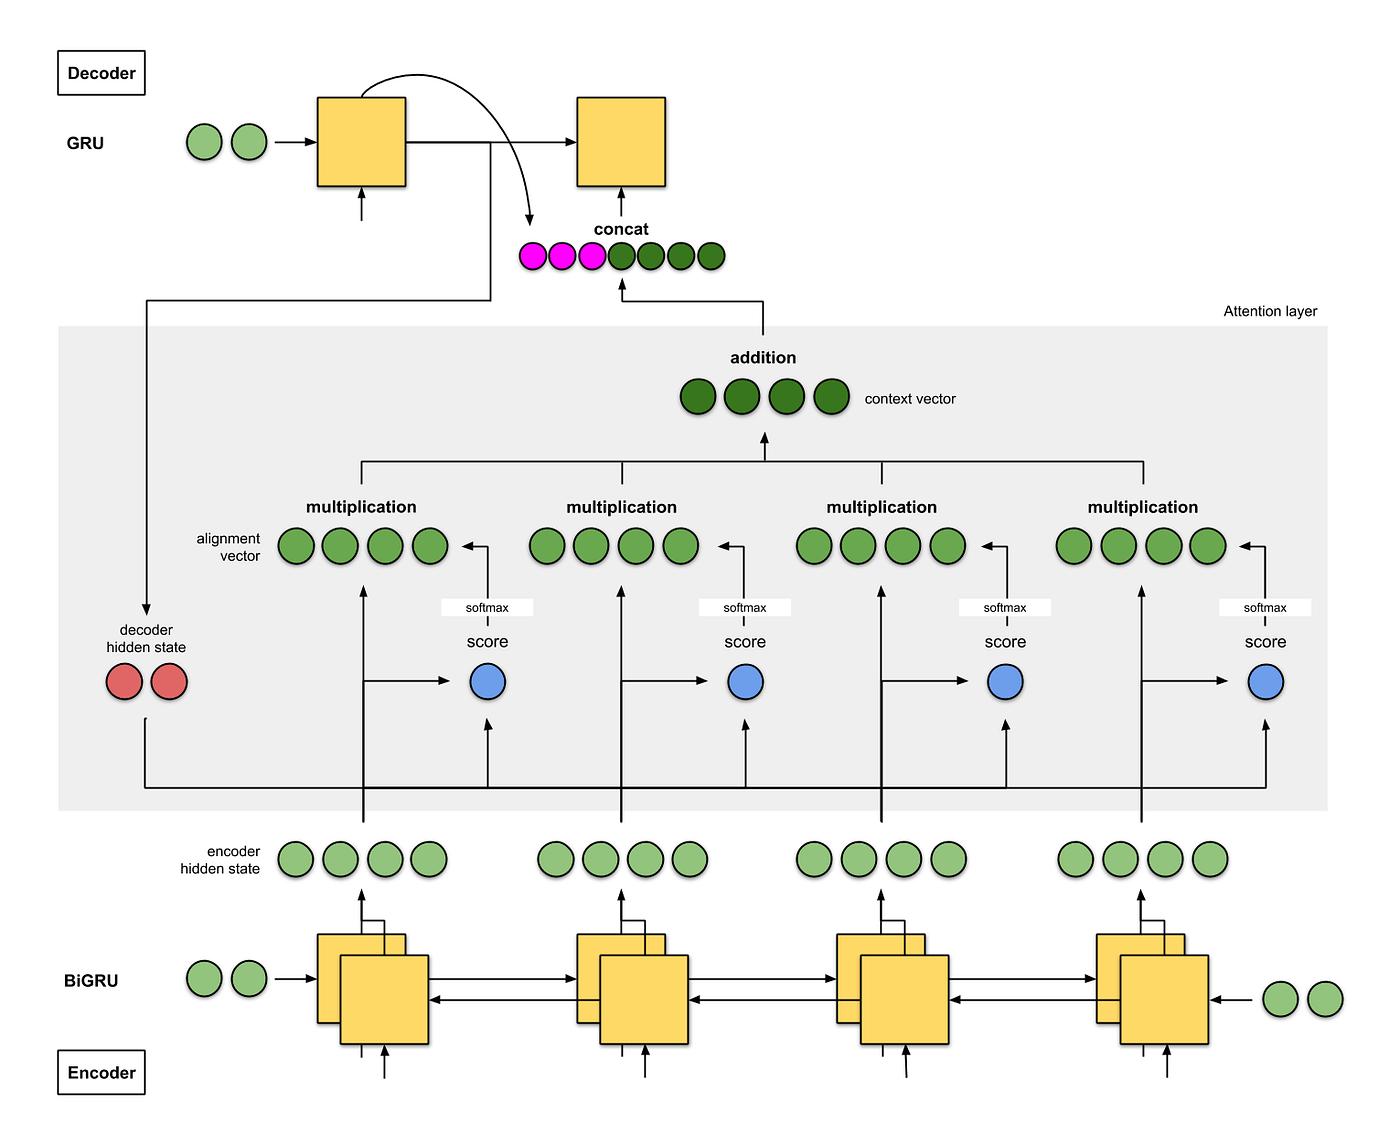 hight resolution of fig 2a nmt from bahdanau et al encoder is a bigru decoder is a gru